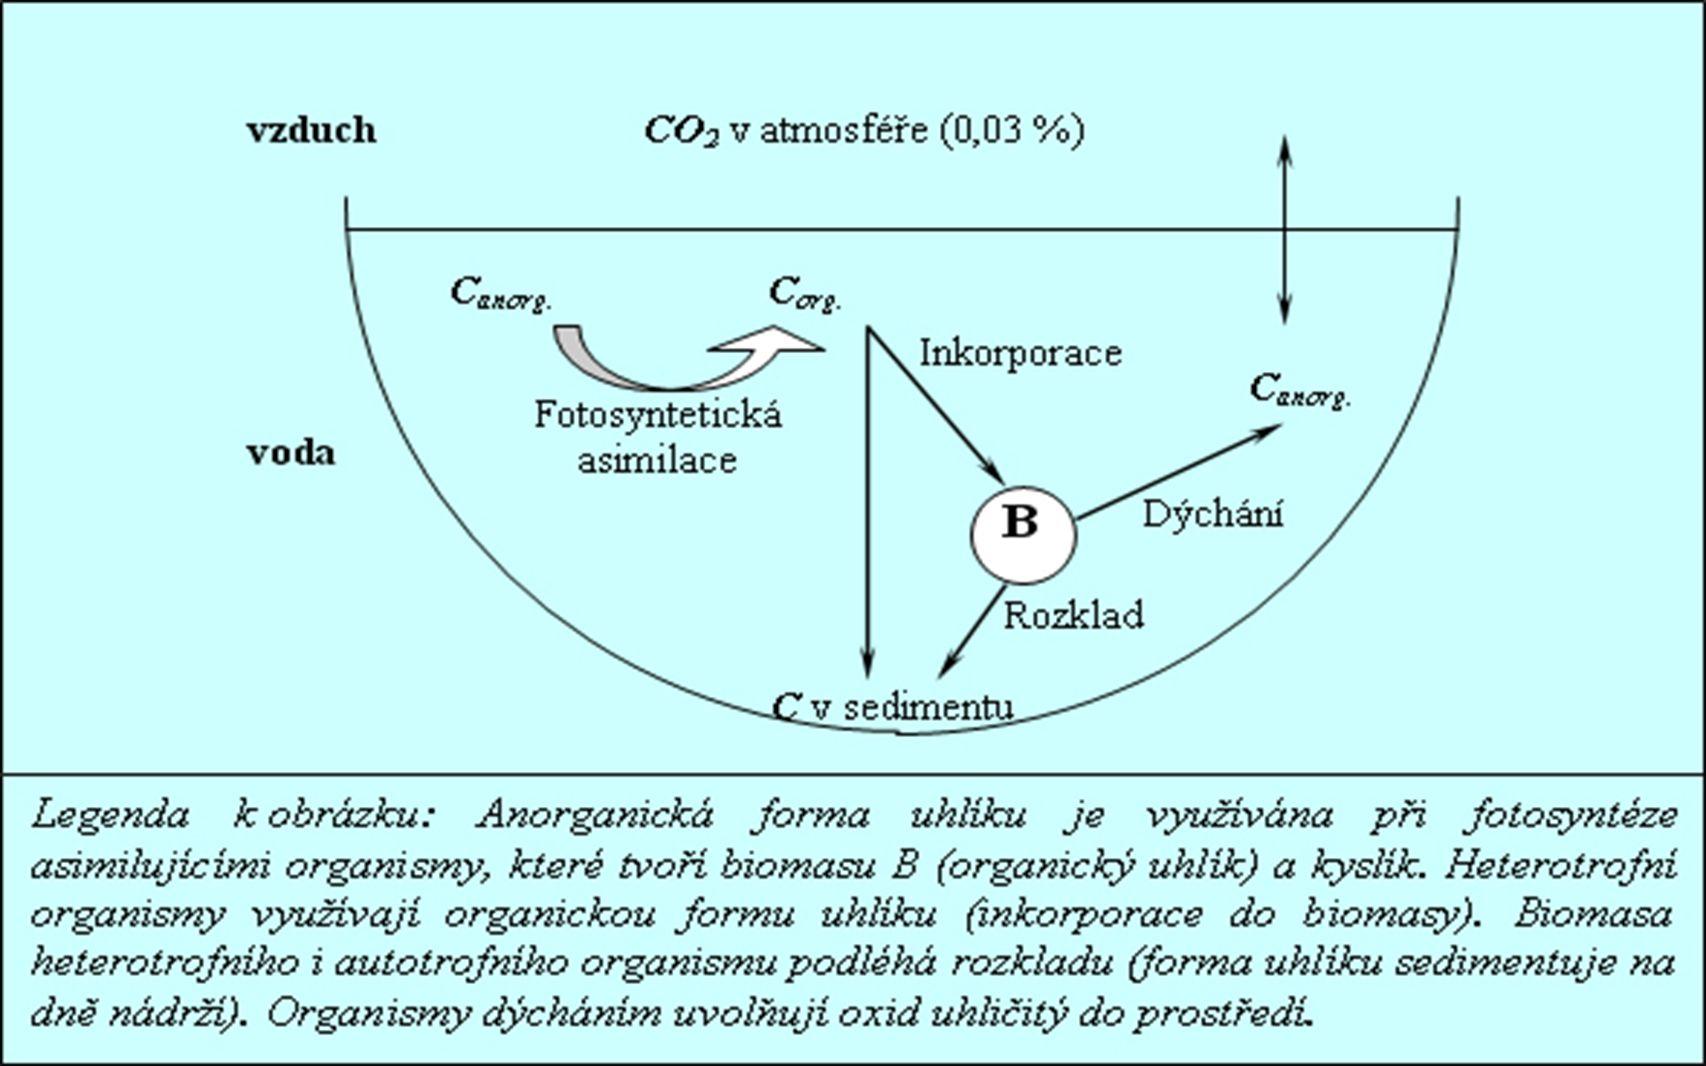 Co je hlavní produkt fotosyntézy? A.Energie B.Organické látky C.Kyslík D.Oxid uhličitý Q 21